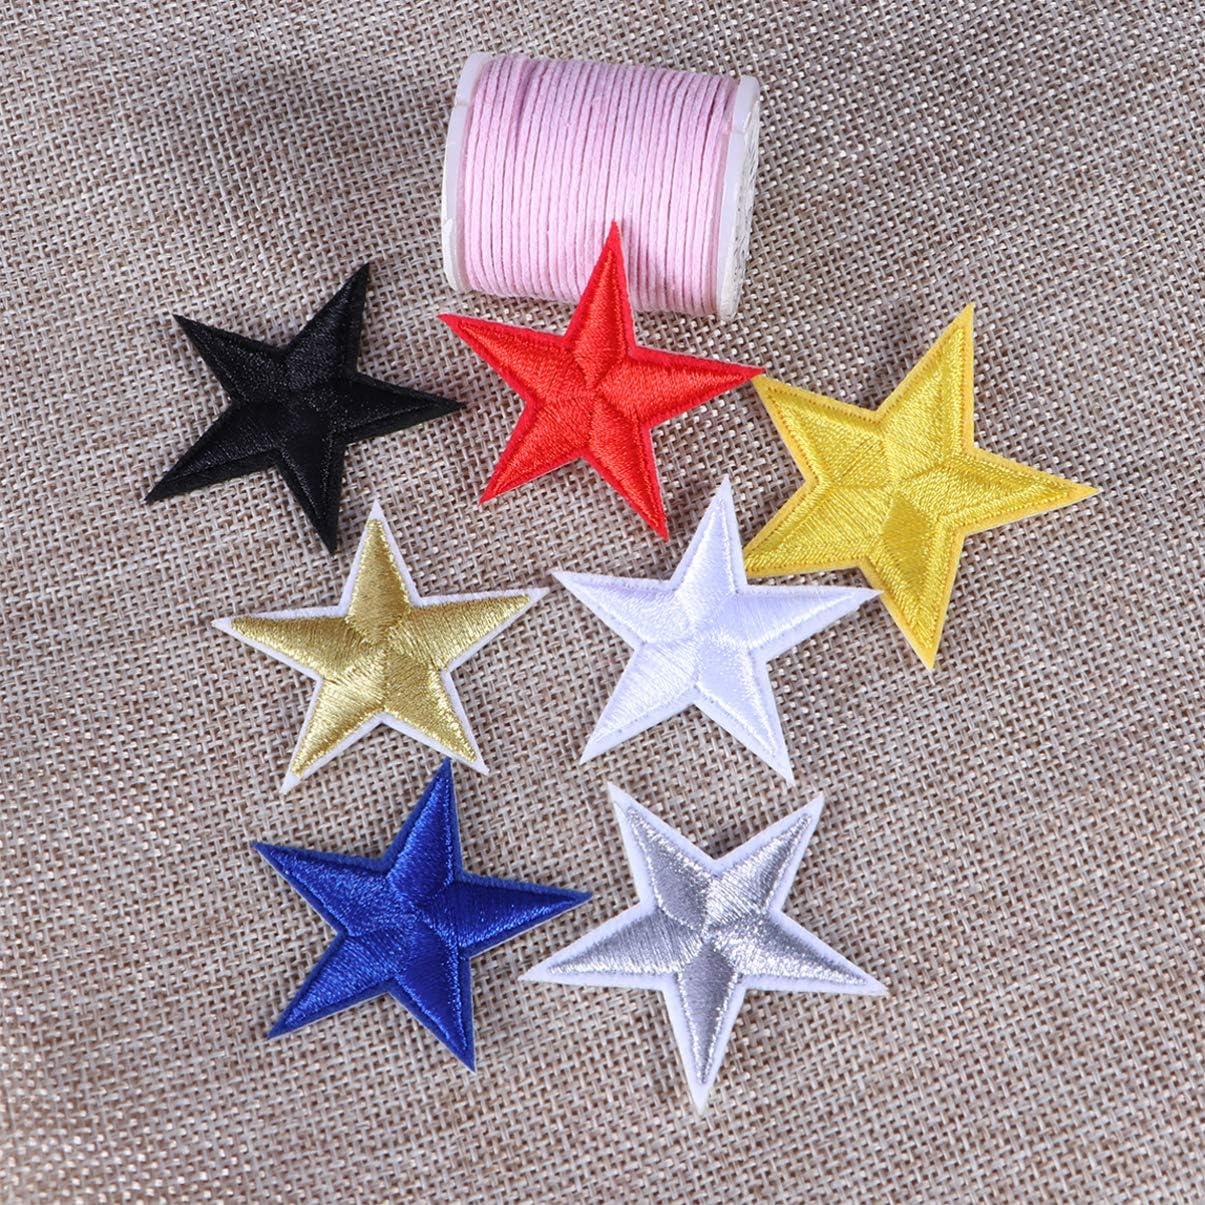 para vaqueros manualidades chaquetas ropa Parche de estrella para coser o planchar costuras azul parches bordados para planchar HEALLILY plata